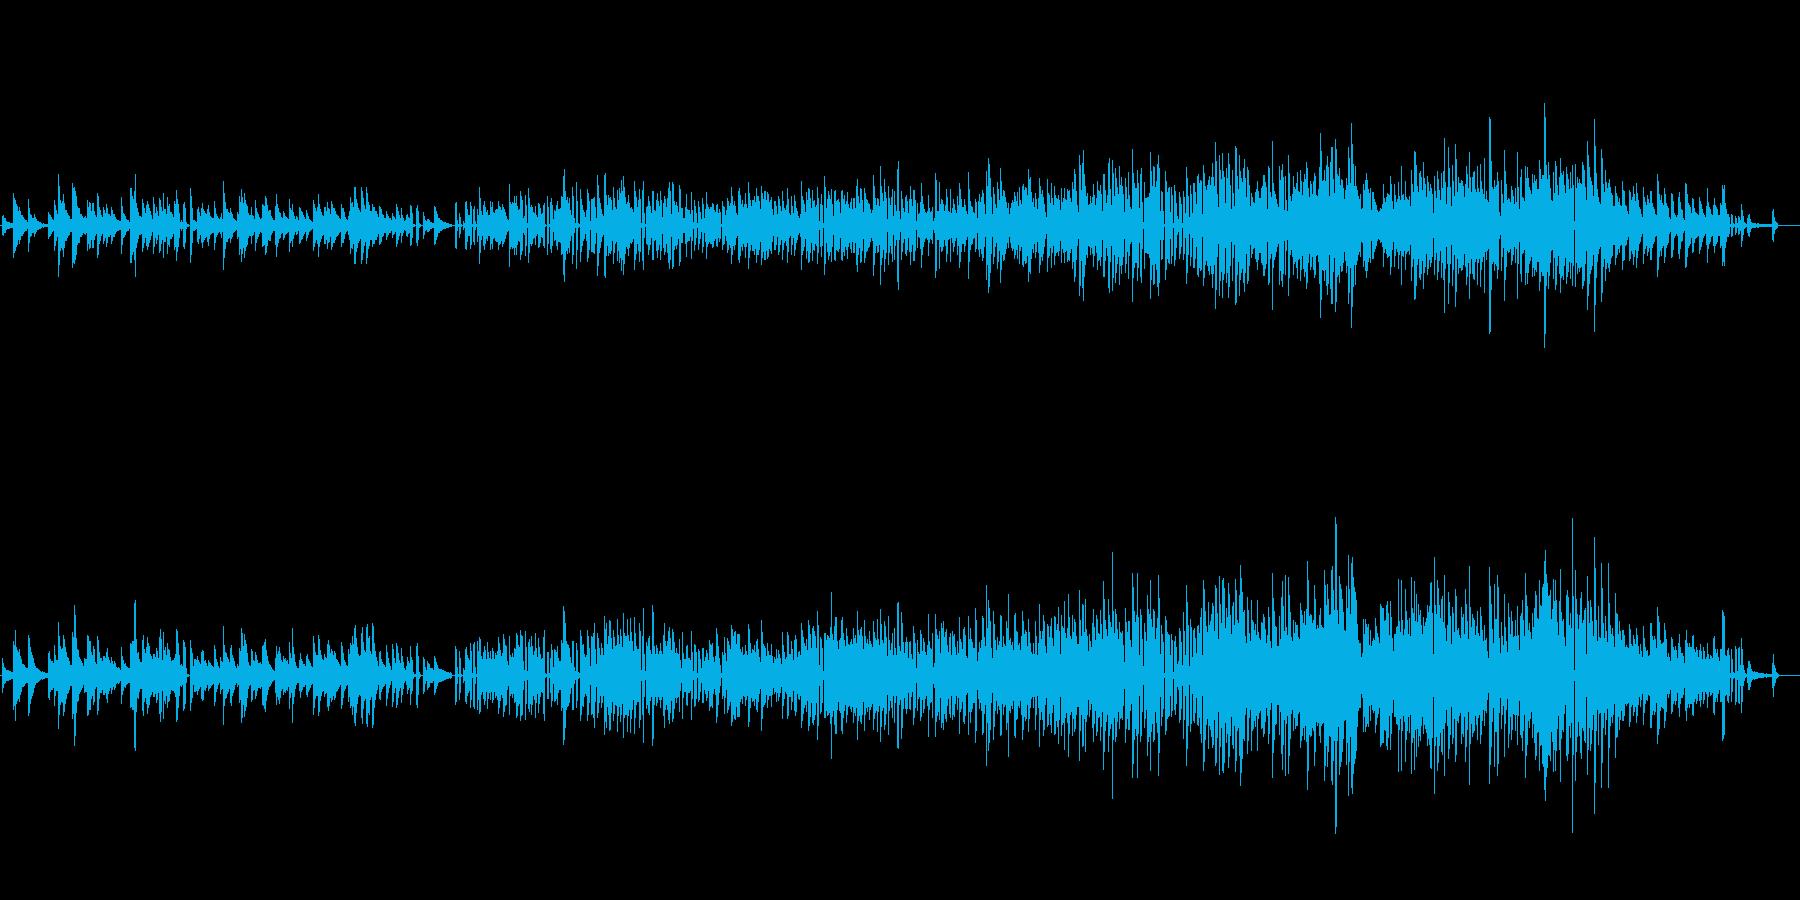 生ピアノソロ・クリスマス・ジャズアレンジの再生済みの波形